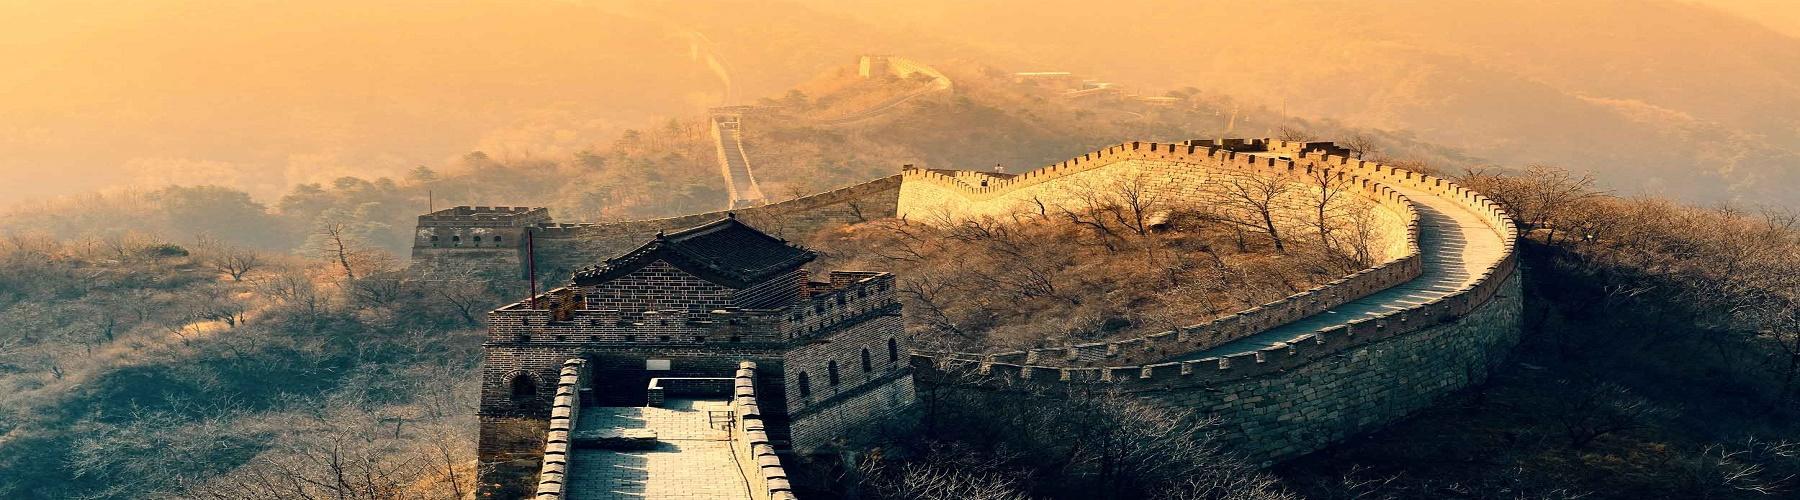 Посетить Китай и узнать о великой китайской цивилизации